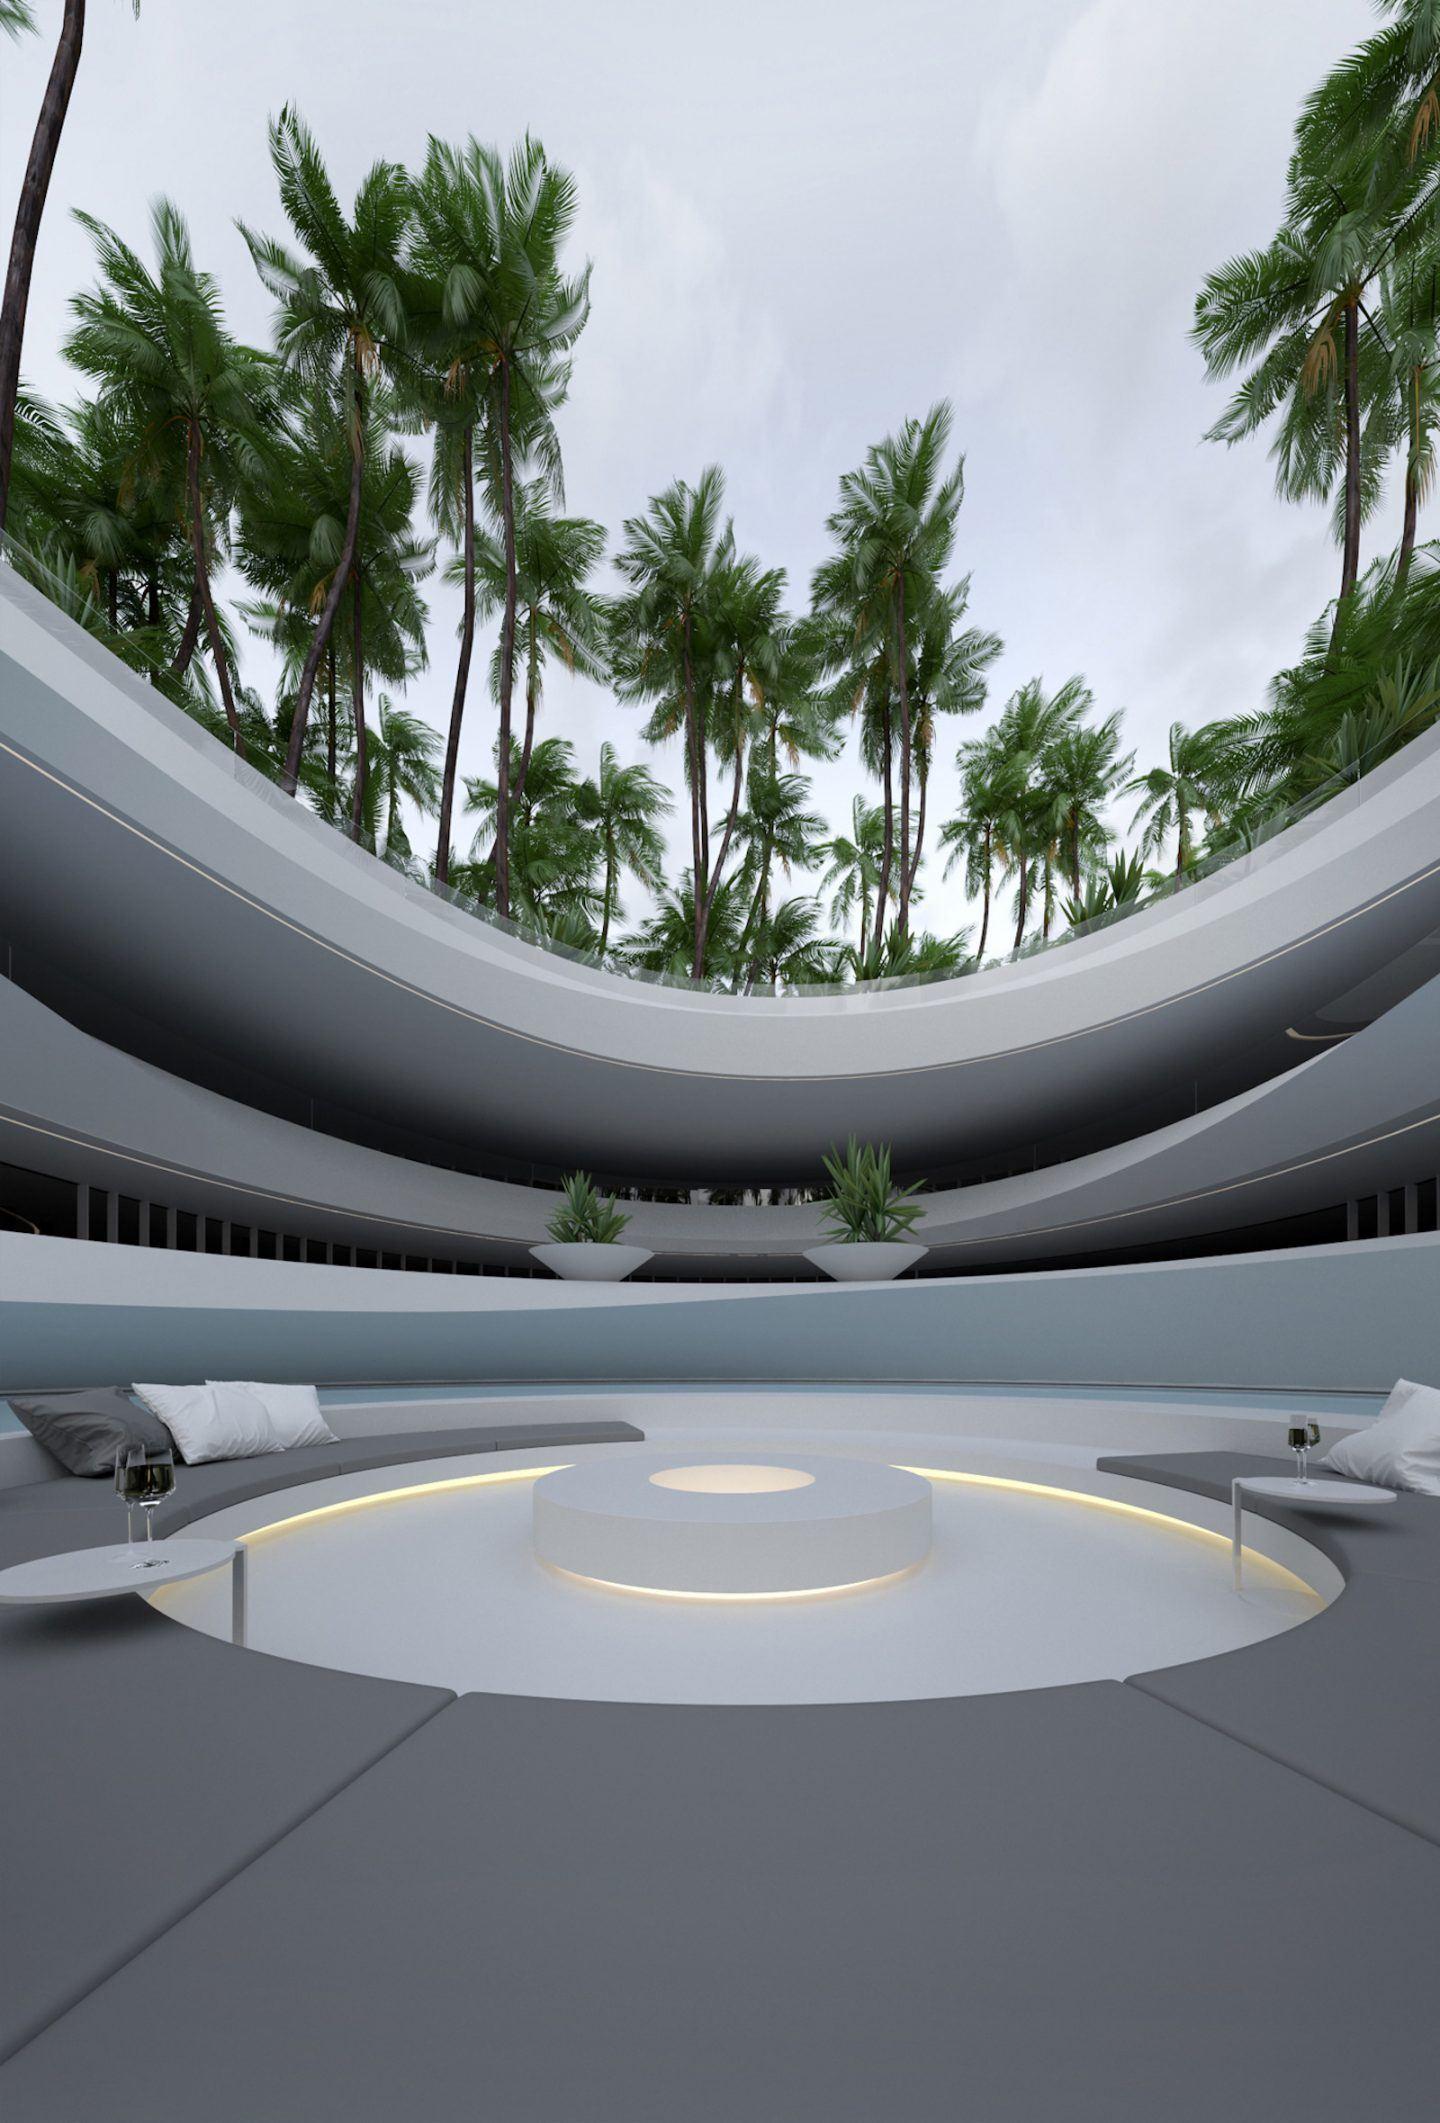 IGNANT-Architecture-Roman-Vlasov-Concept-689-009